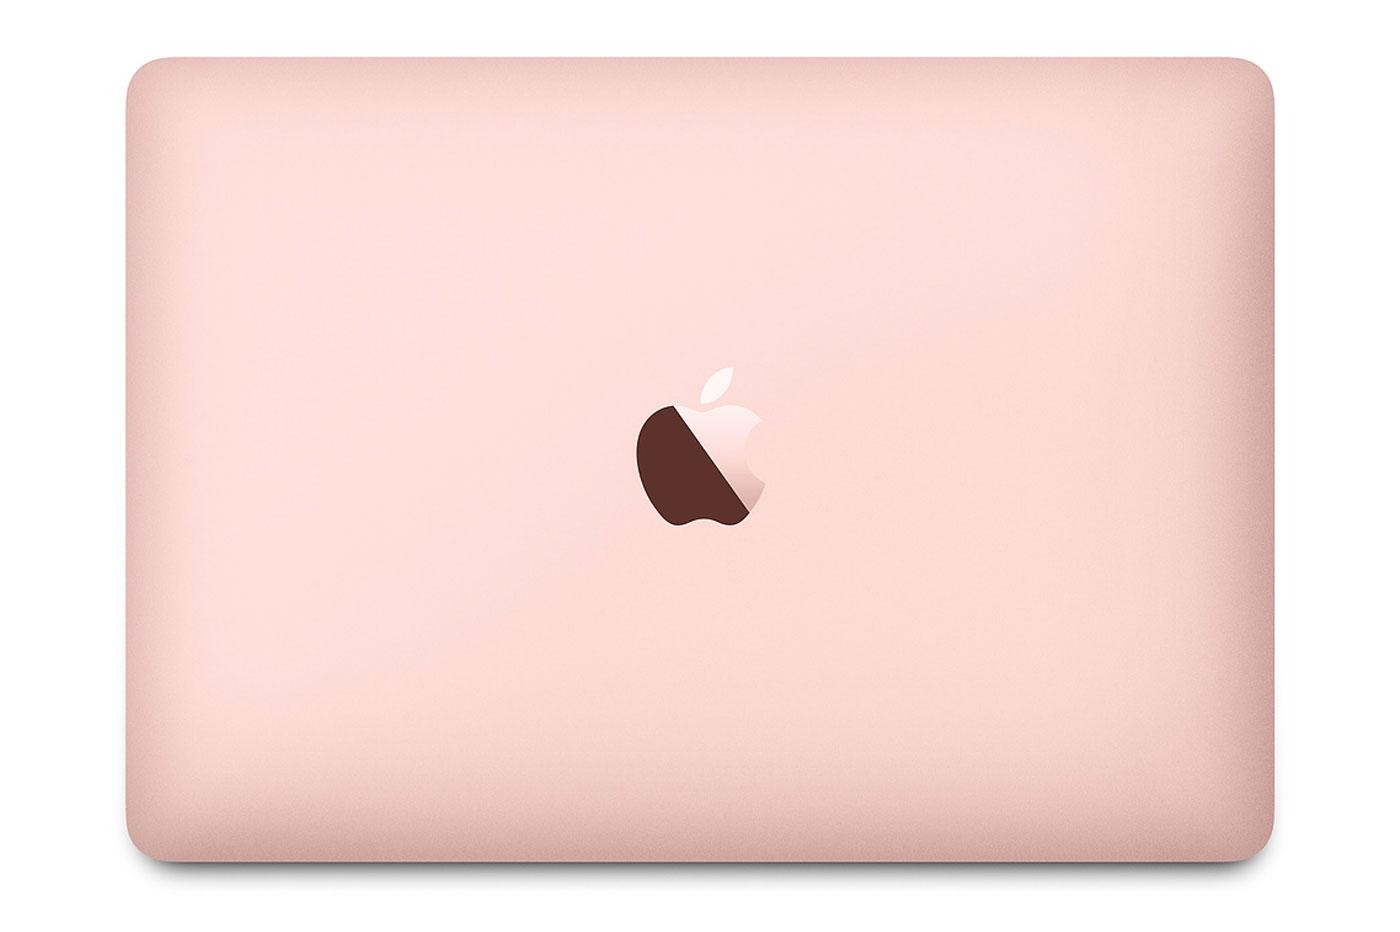 Soldes: MacBook 12 pouces en offre flash à -40% chez Darty 🔥